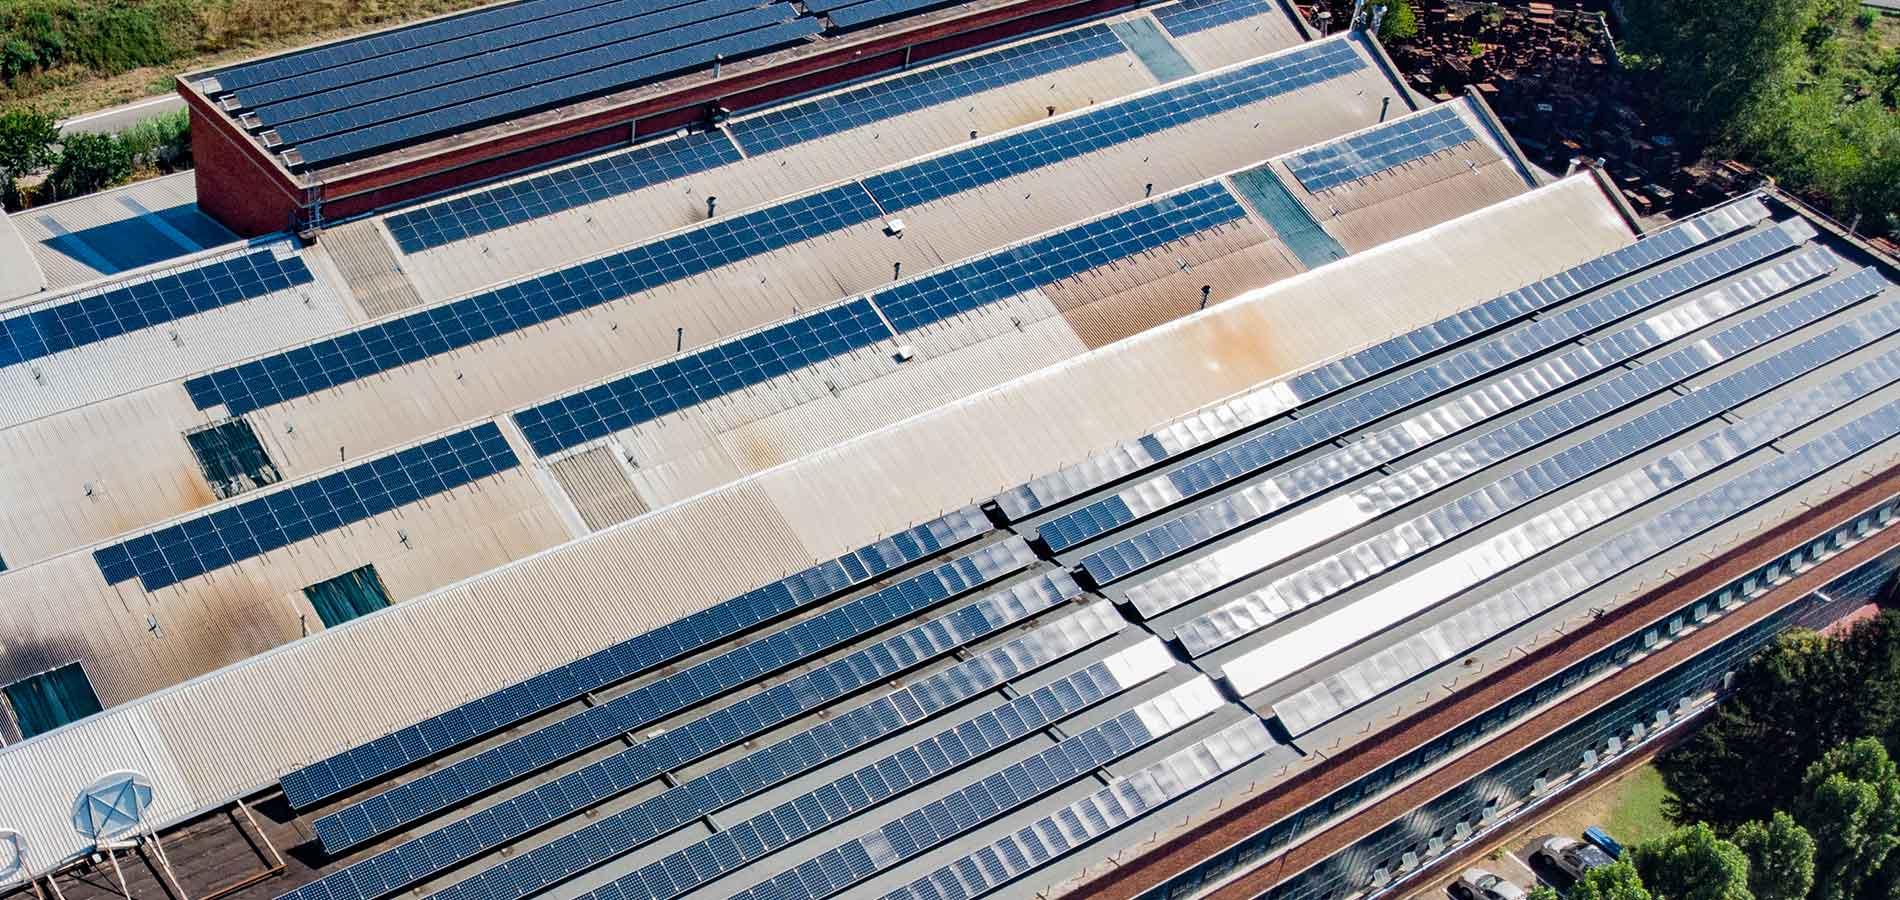 Nel 2019 in Italia sono stati installati impianti fotovoltaici per 737 MWp (+69%)